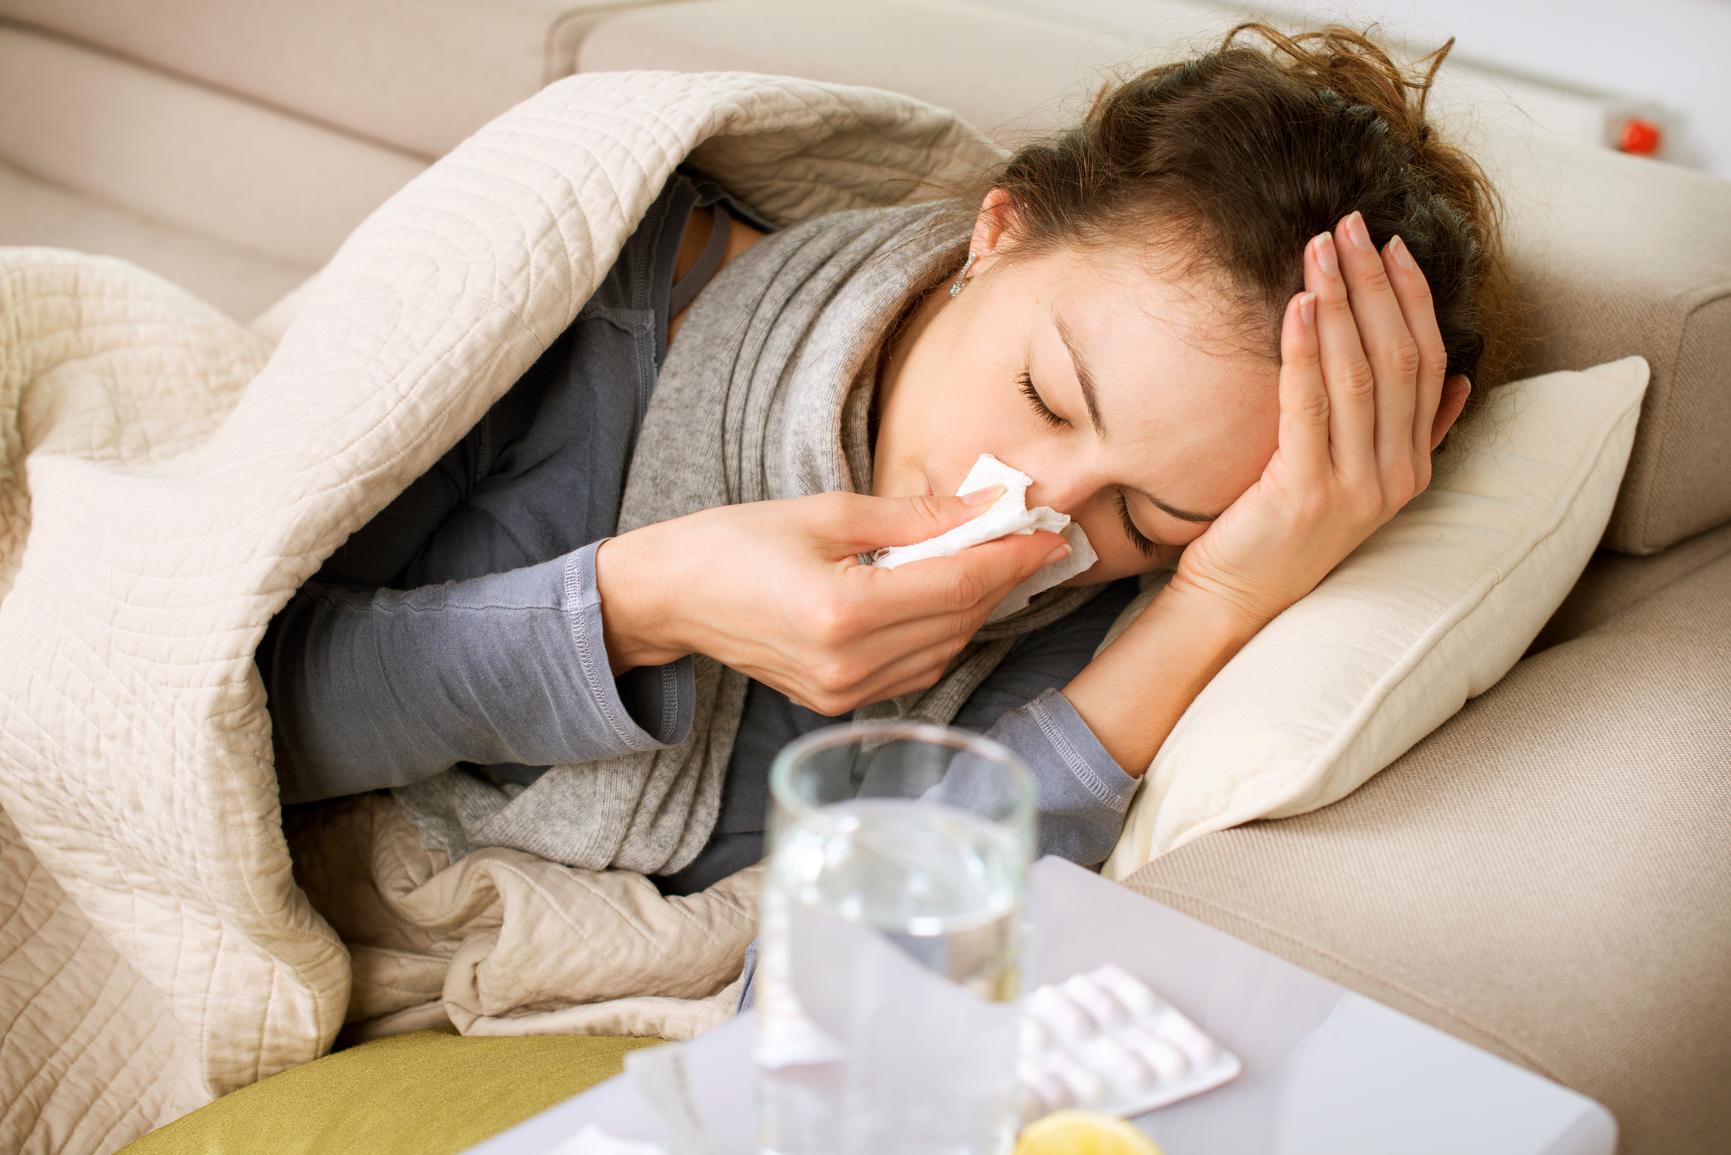 явления, картинка грипп опасен для волнения груди